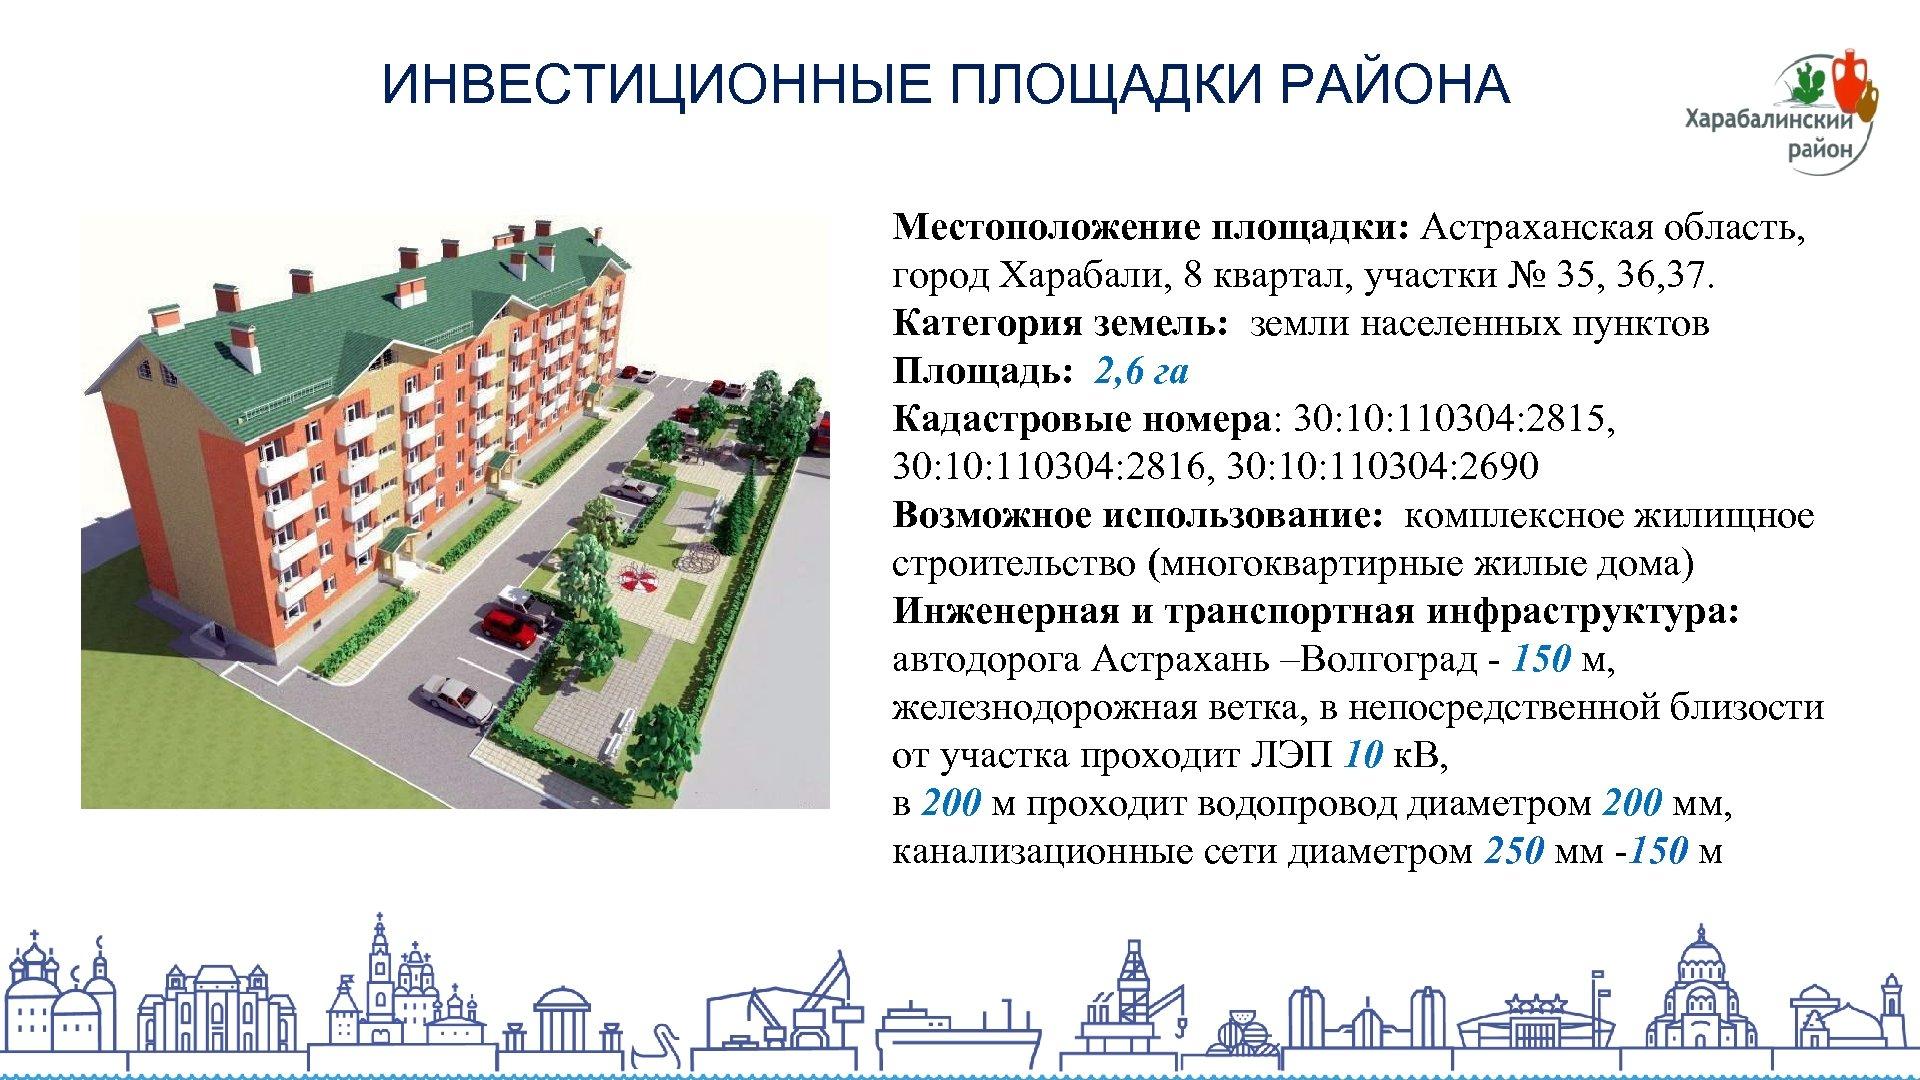 ИНВЕСТИЦИОННЫЕ ПЛОЩАДКИ РАЙОНА Местоположение площадки: Астраханская область, город Харабали, 8 квартал, участки № 35,